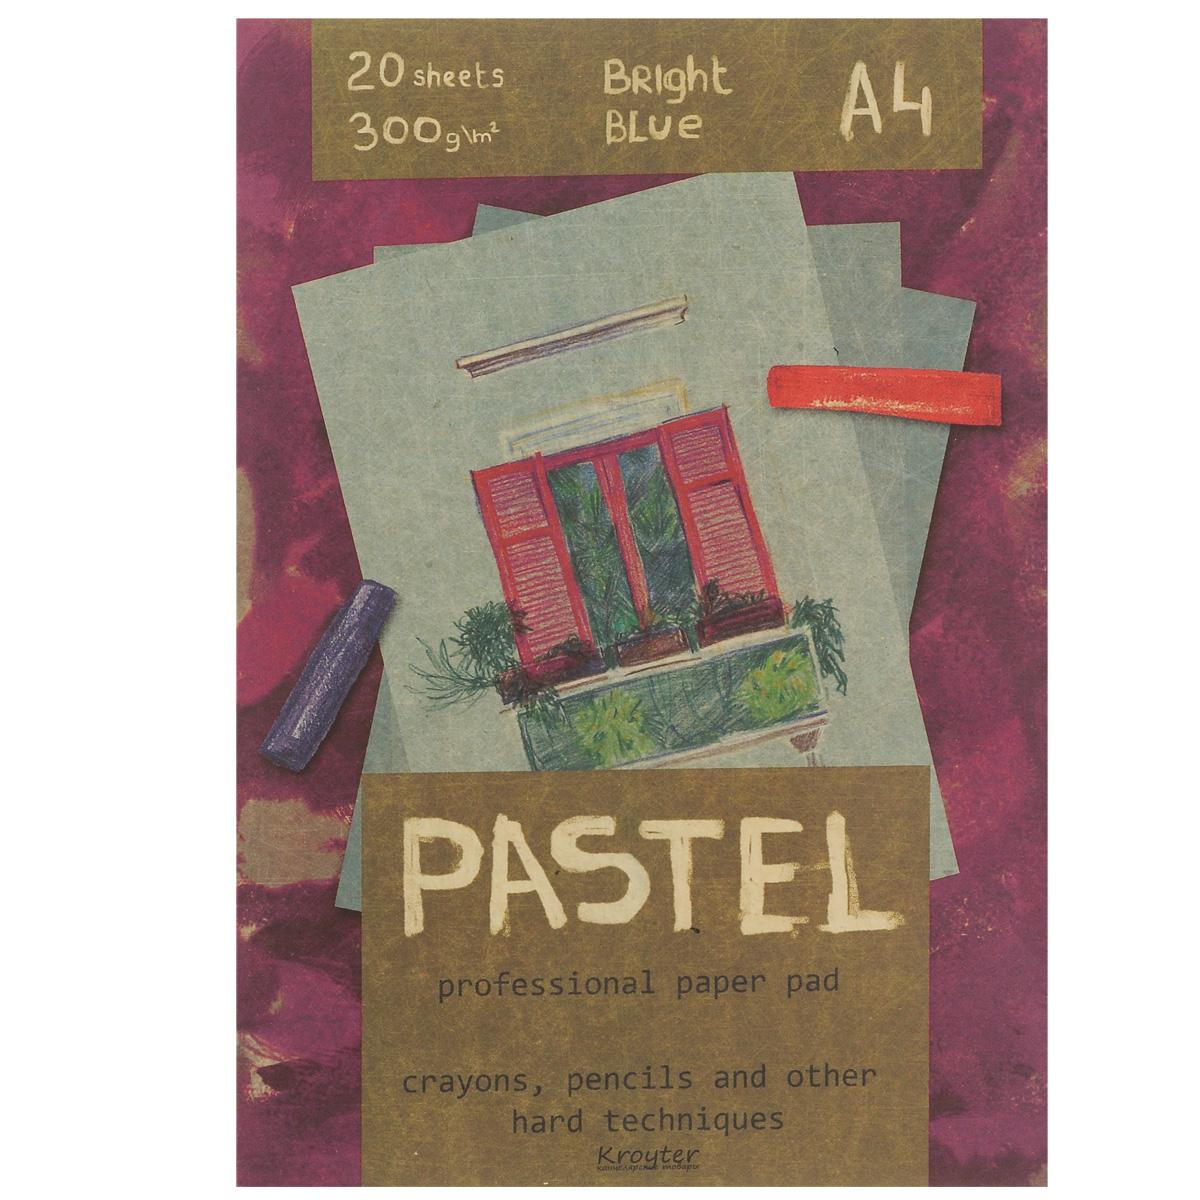 Альбом для пастели Kroyter, 20 листов, формат А406500Альбом Kroyter используется для рисования пастелью, мелками, углем. После грунтовки можно использовать для акриловых и масляных красок. Внутренний блок состоит из 20 листов картона голубого цвета. Крепление блока - склейка, выполненная по технологии, позволяющей изымать листы из блока без его разрушения. Твердая подложка позволяет использовать альбом вне класса или дома. Формат листов - А4. Плотность: 300 г/м2.